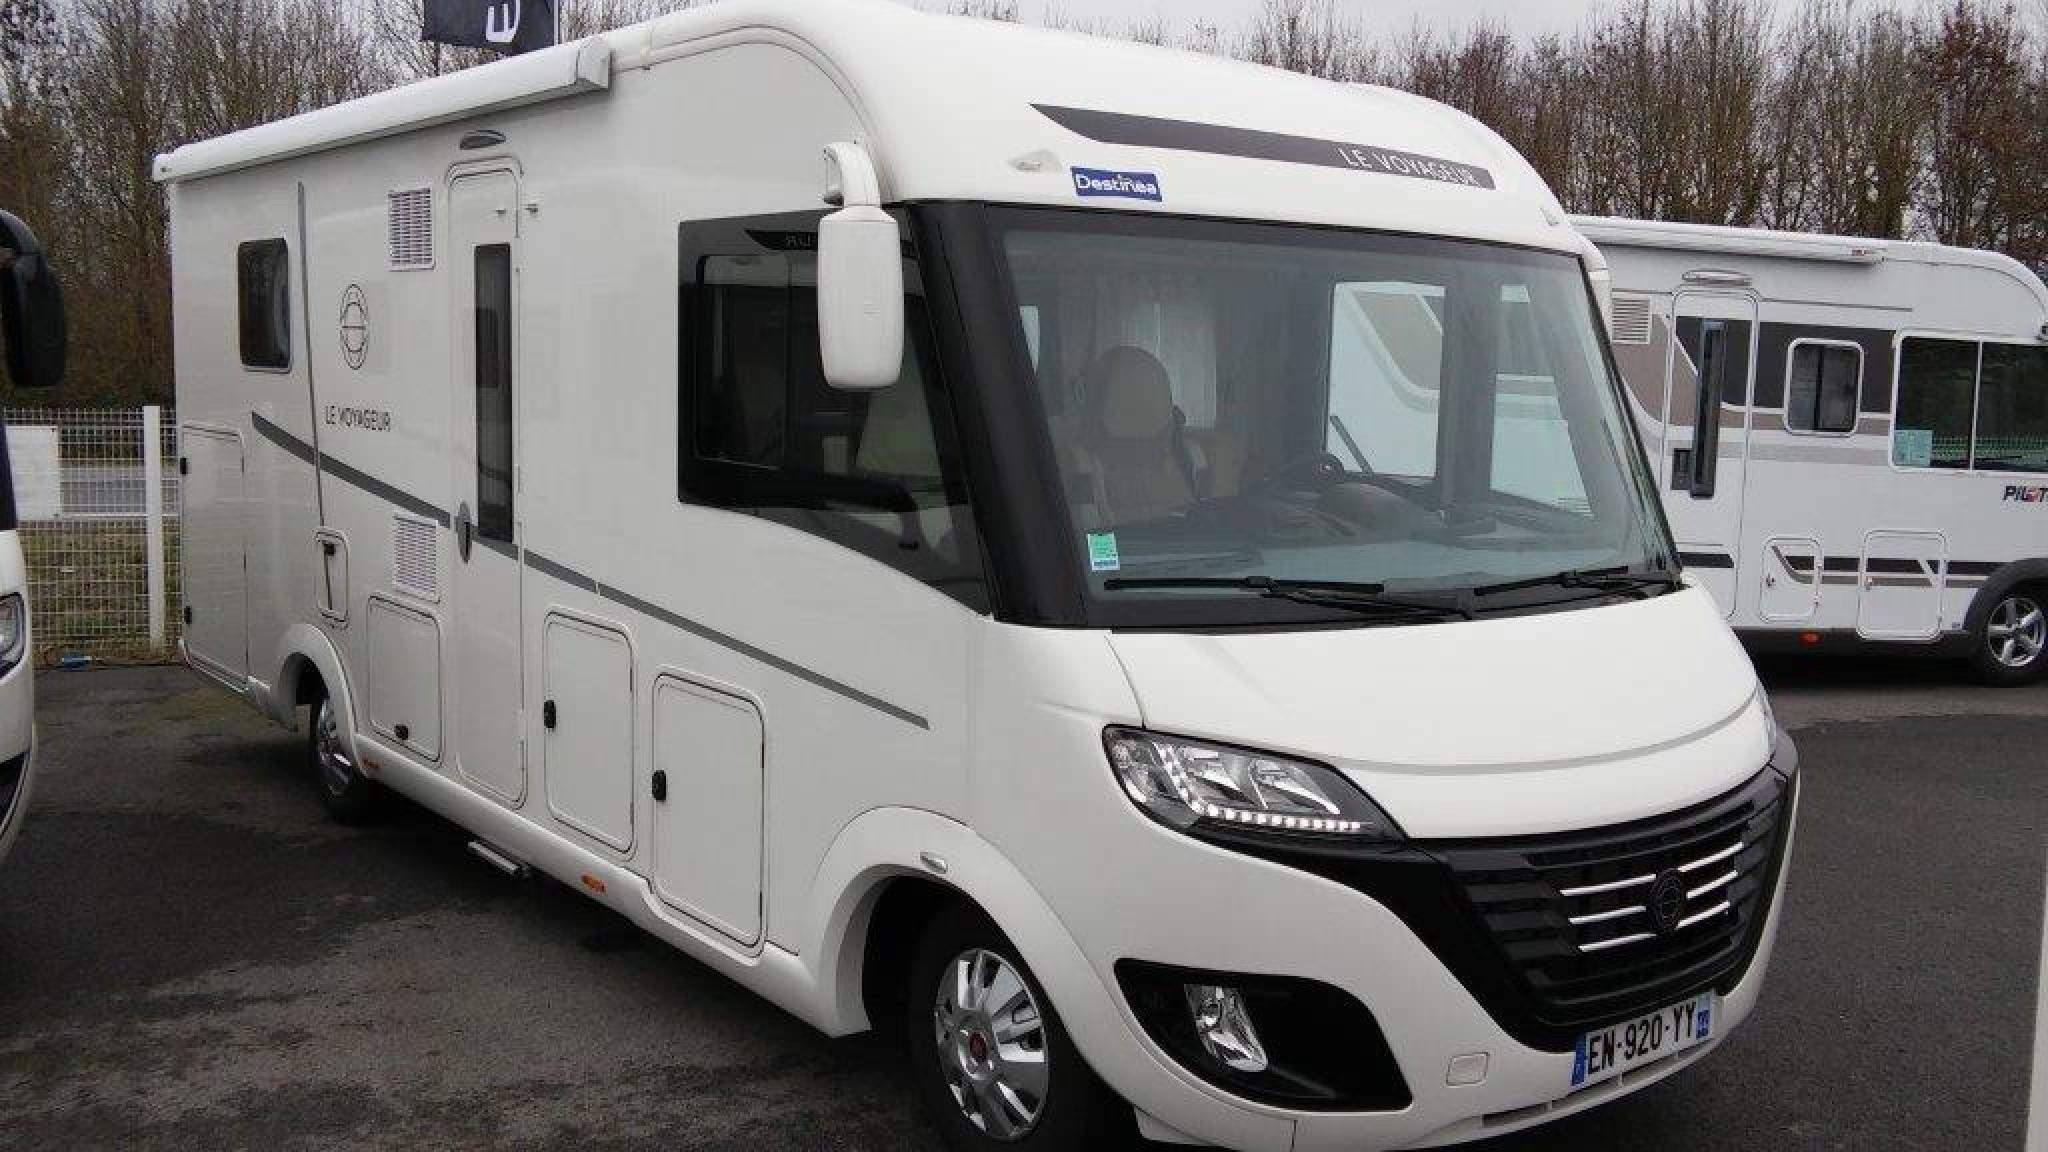 le voyageur lv 7 2 cf occasion de 2016 - fiat - camping car en vente  u00e0 les clouzeaux  vendee